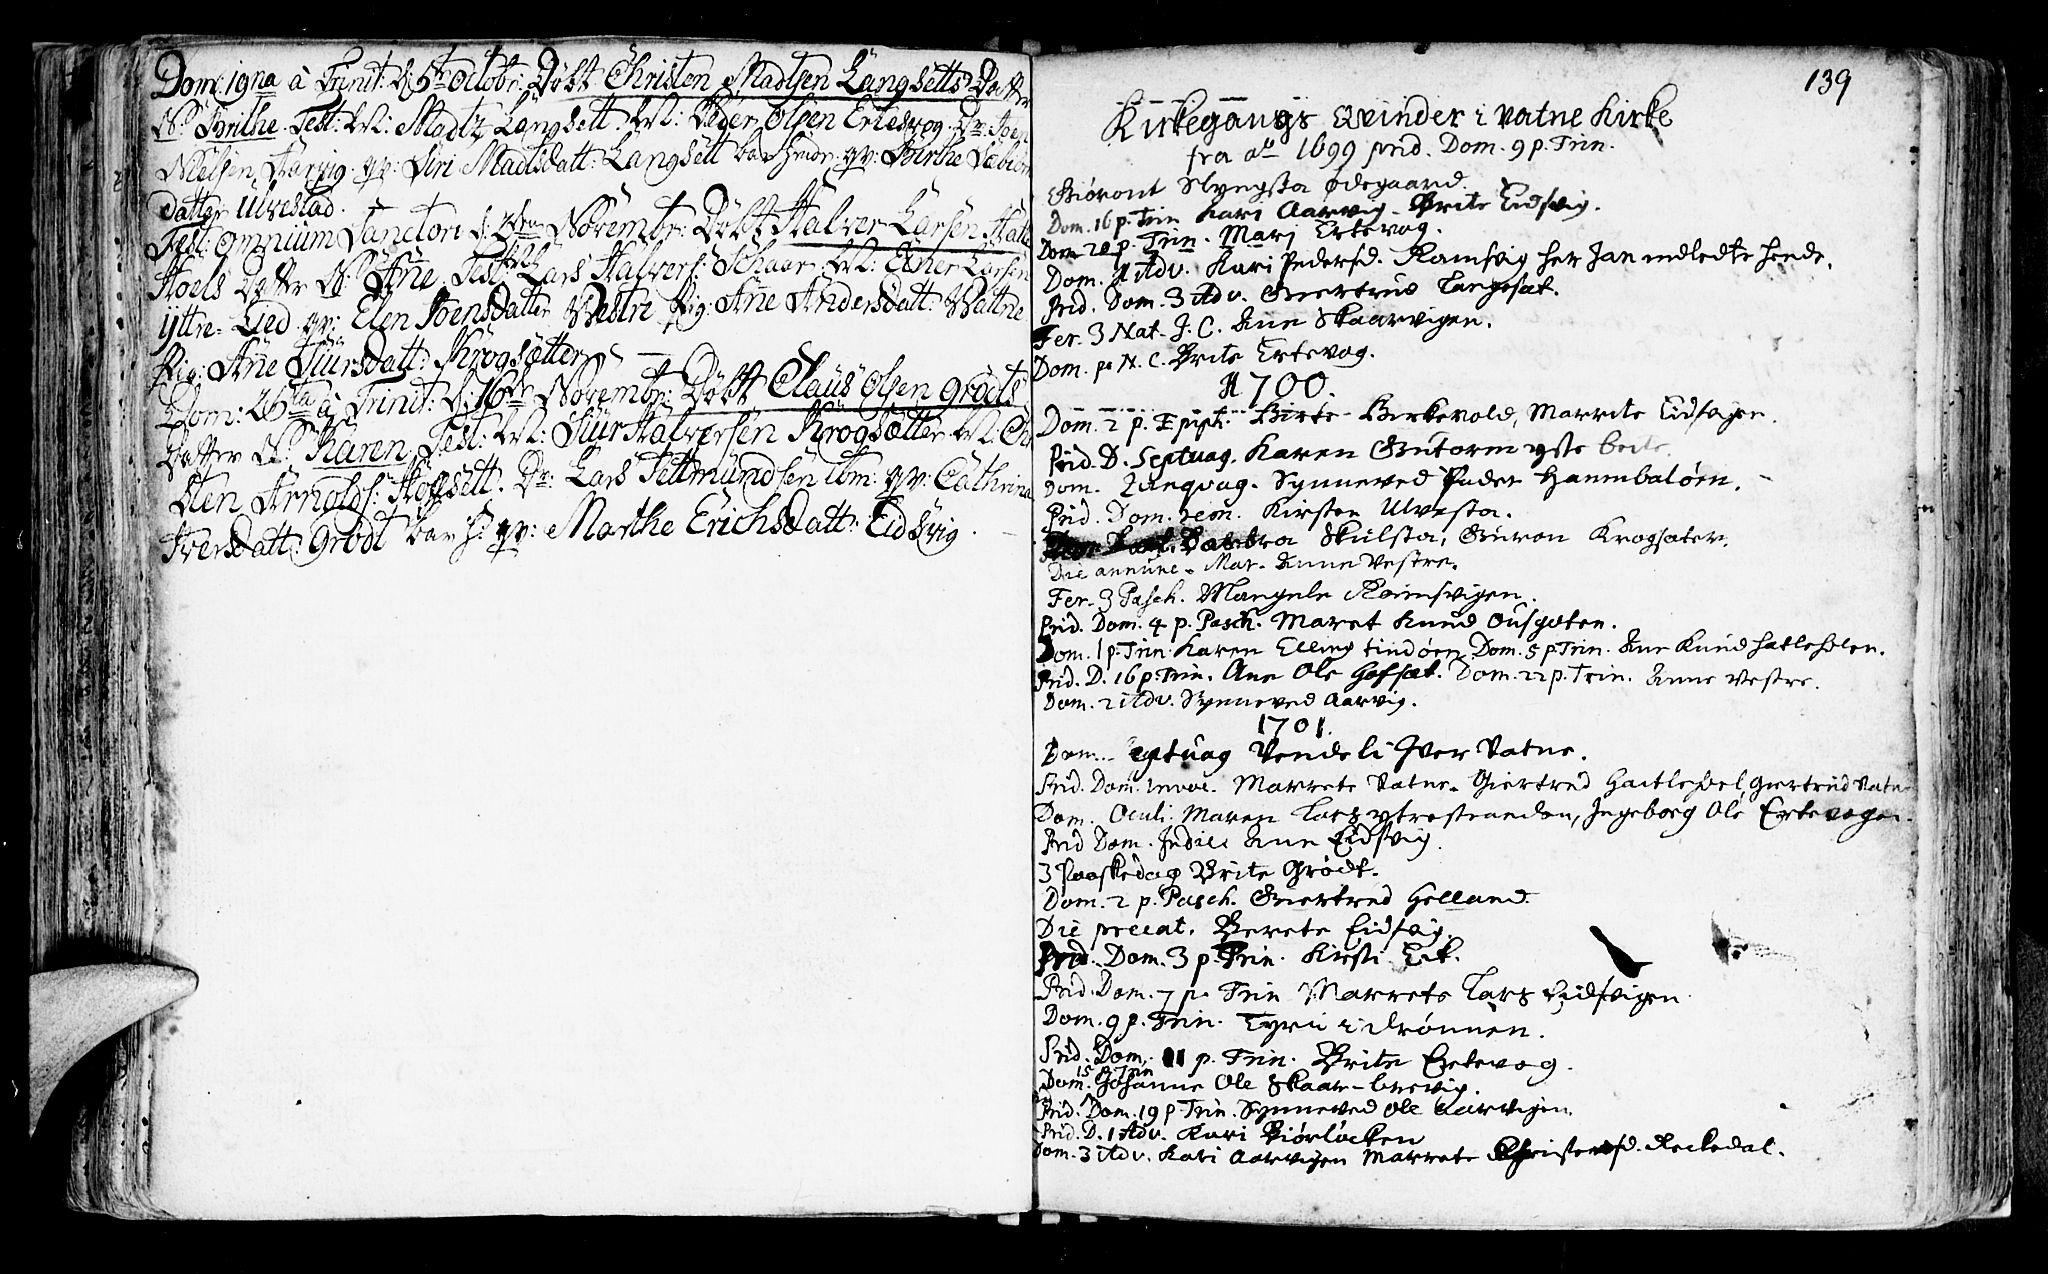 SAT, Ministerialprotokoller, klokkerbøker og fødselsregistre - Møre og Romsdal, 525/L0371: Ministerialbok nr. 525A01, 1699-1777, s. 139